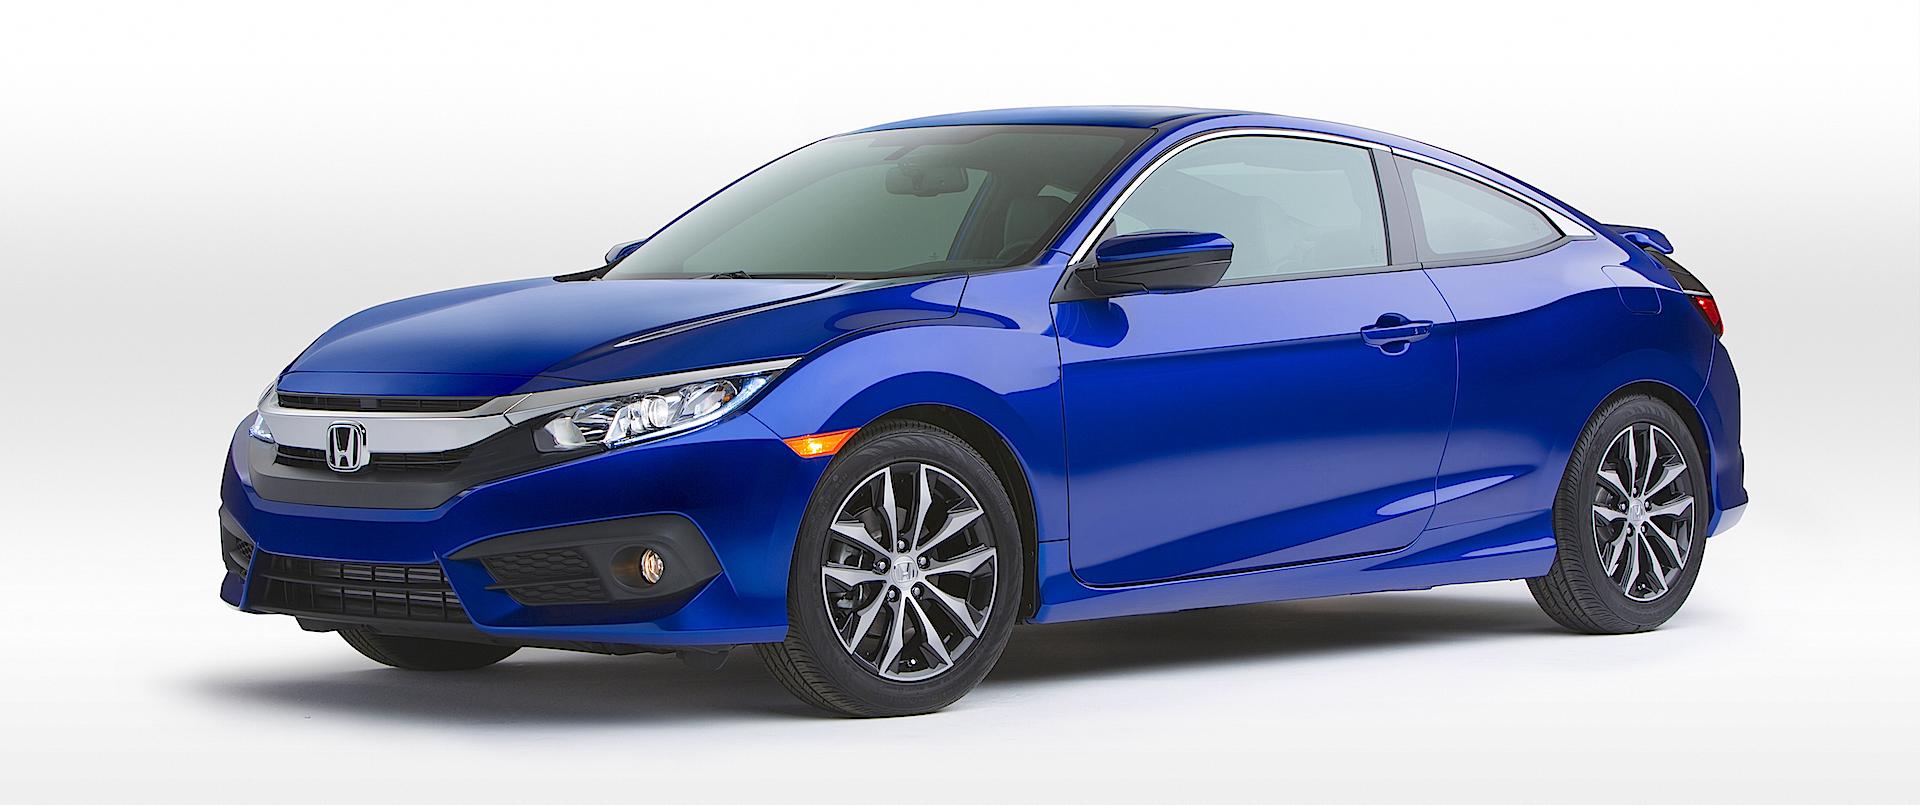 CarNichiWa® | 2016 Honda Civic Coupe Revealed – 2015 Los Angeles ...